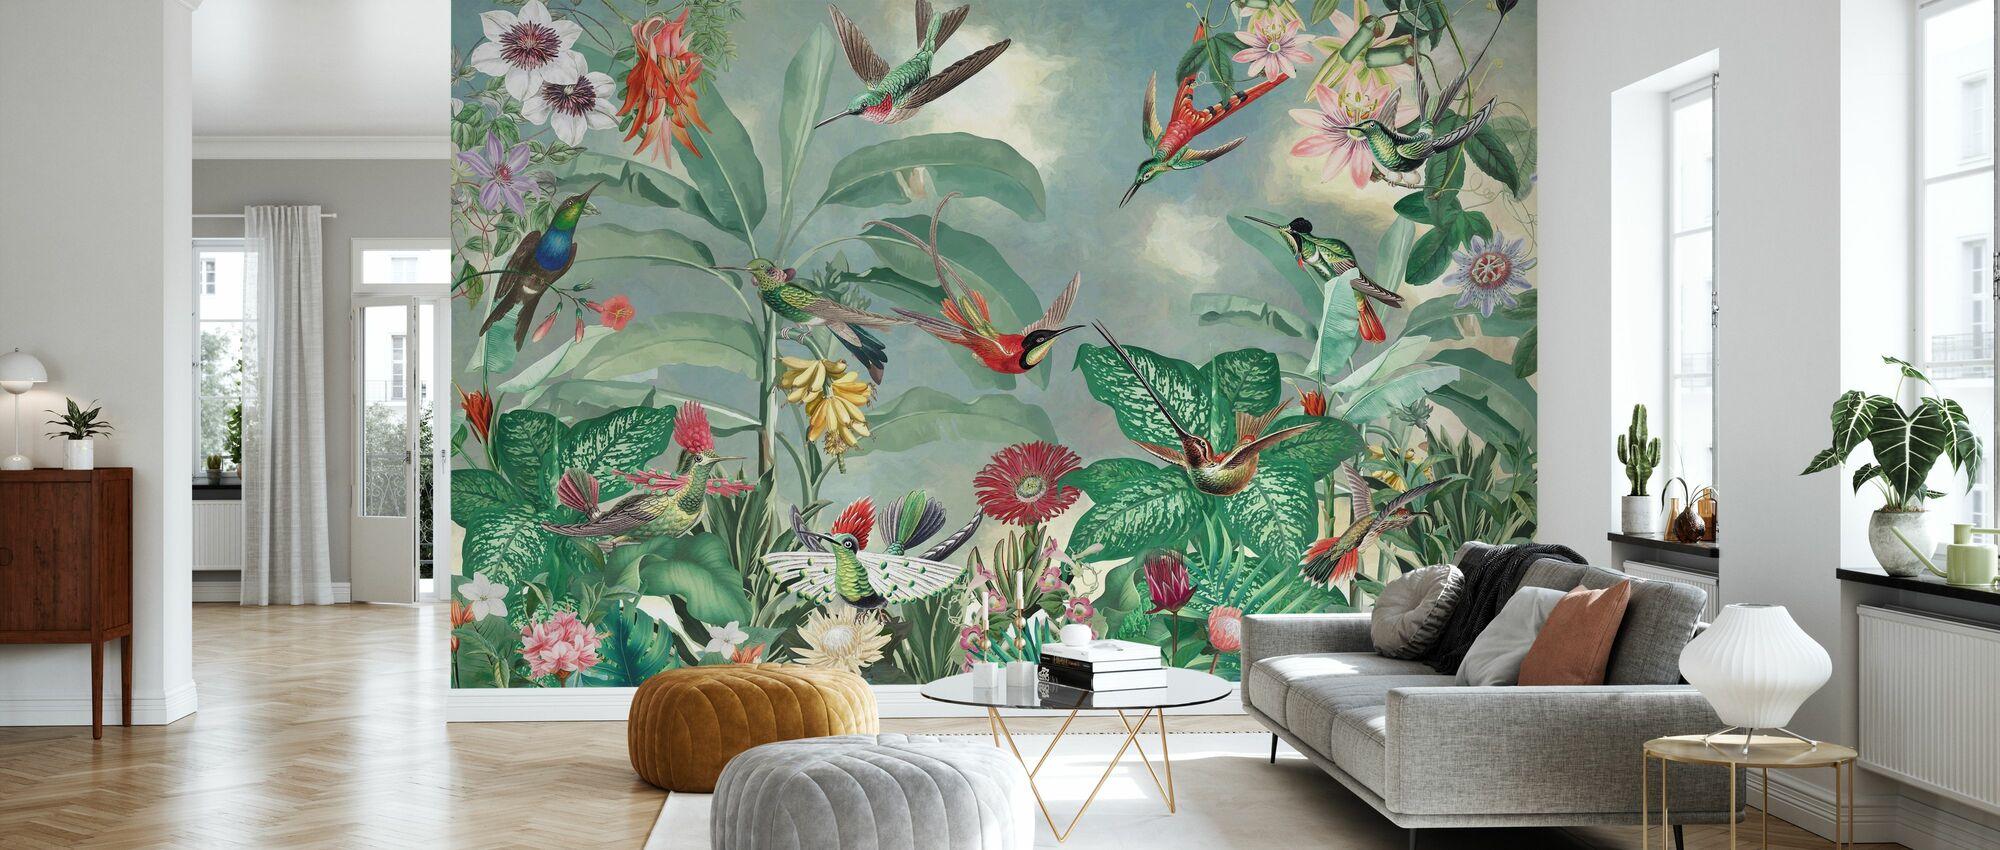 Paradiesvögel - Tapete - Wohnzimmer